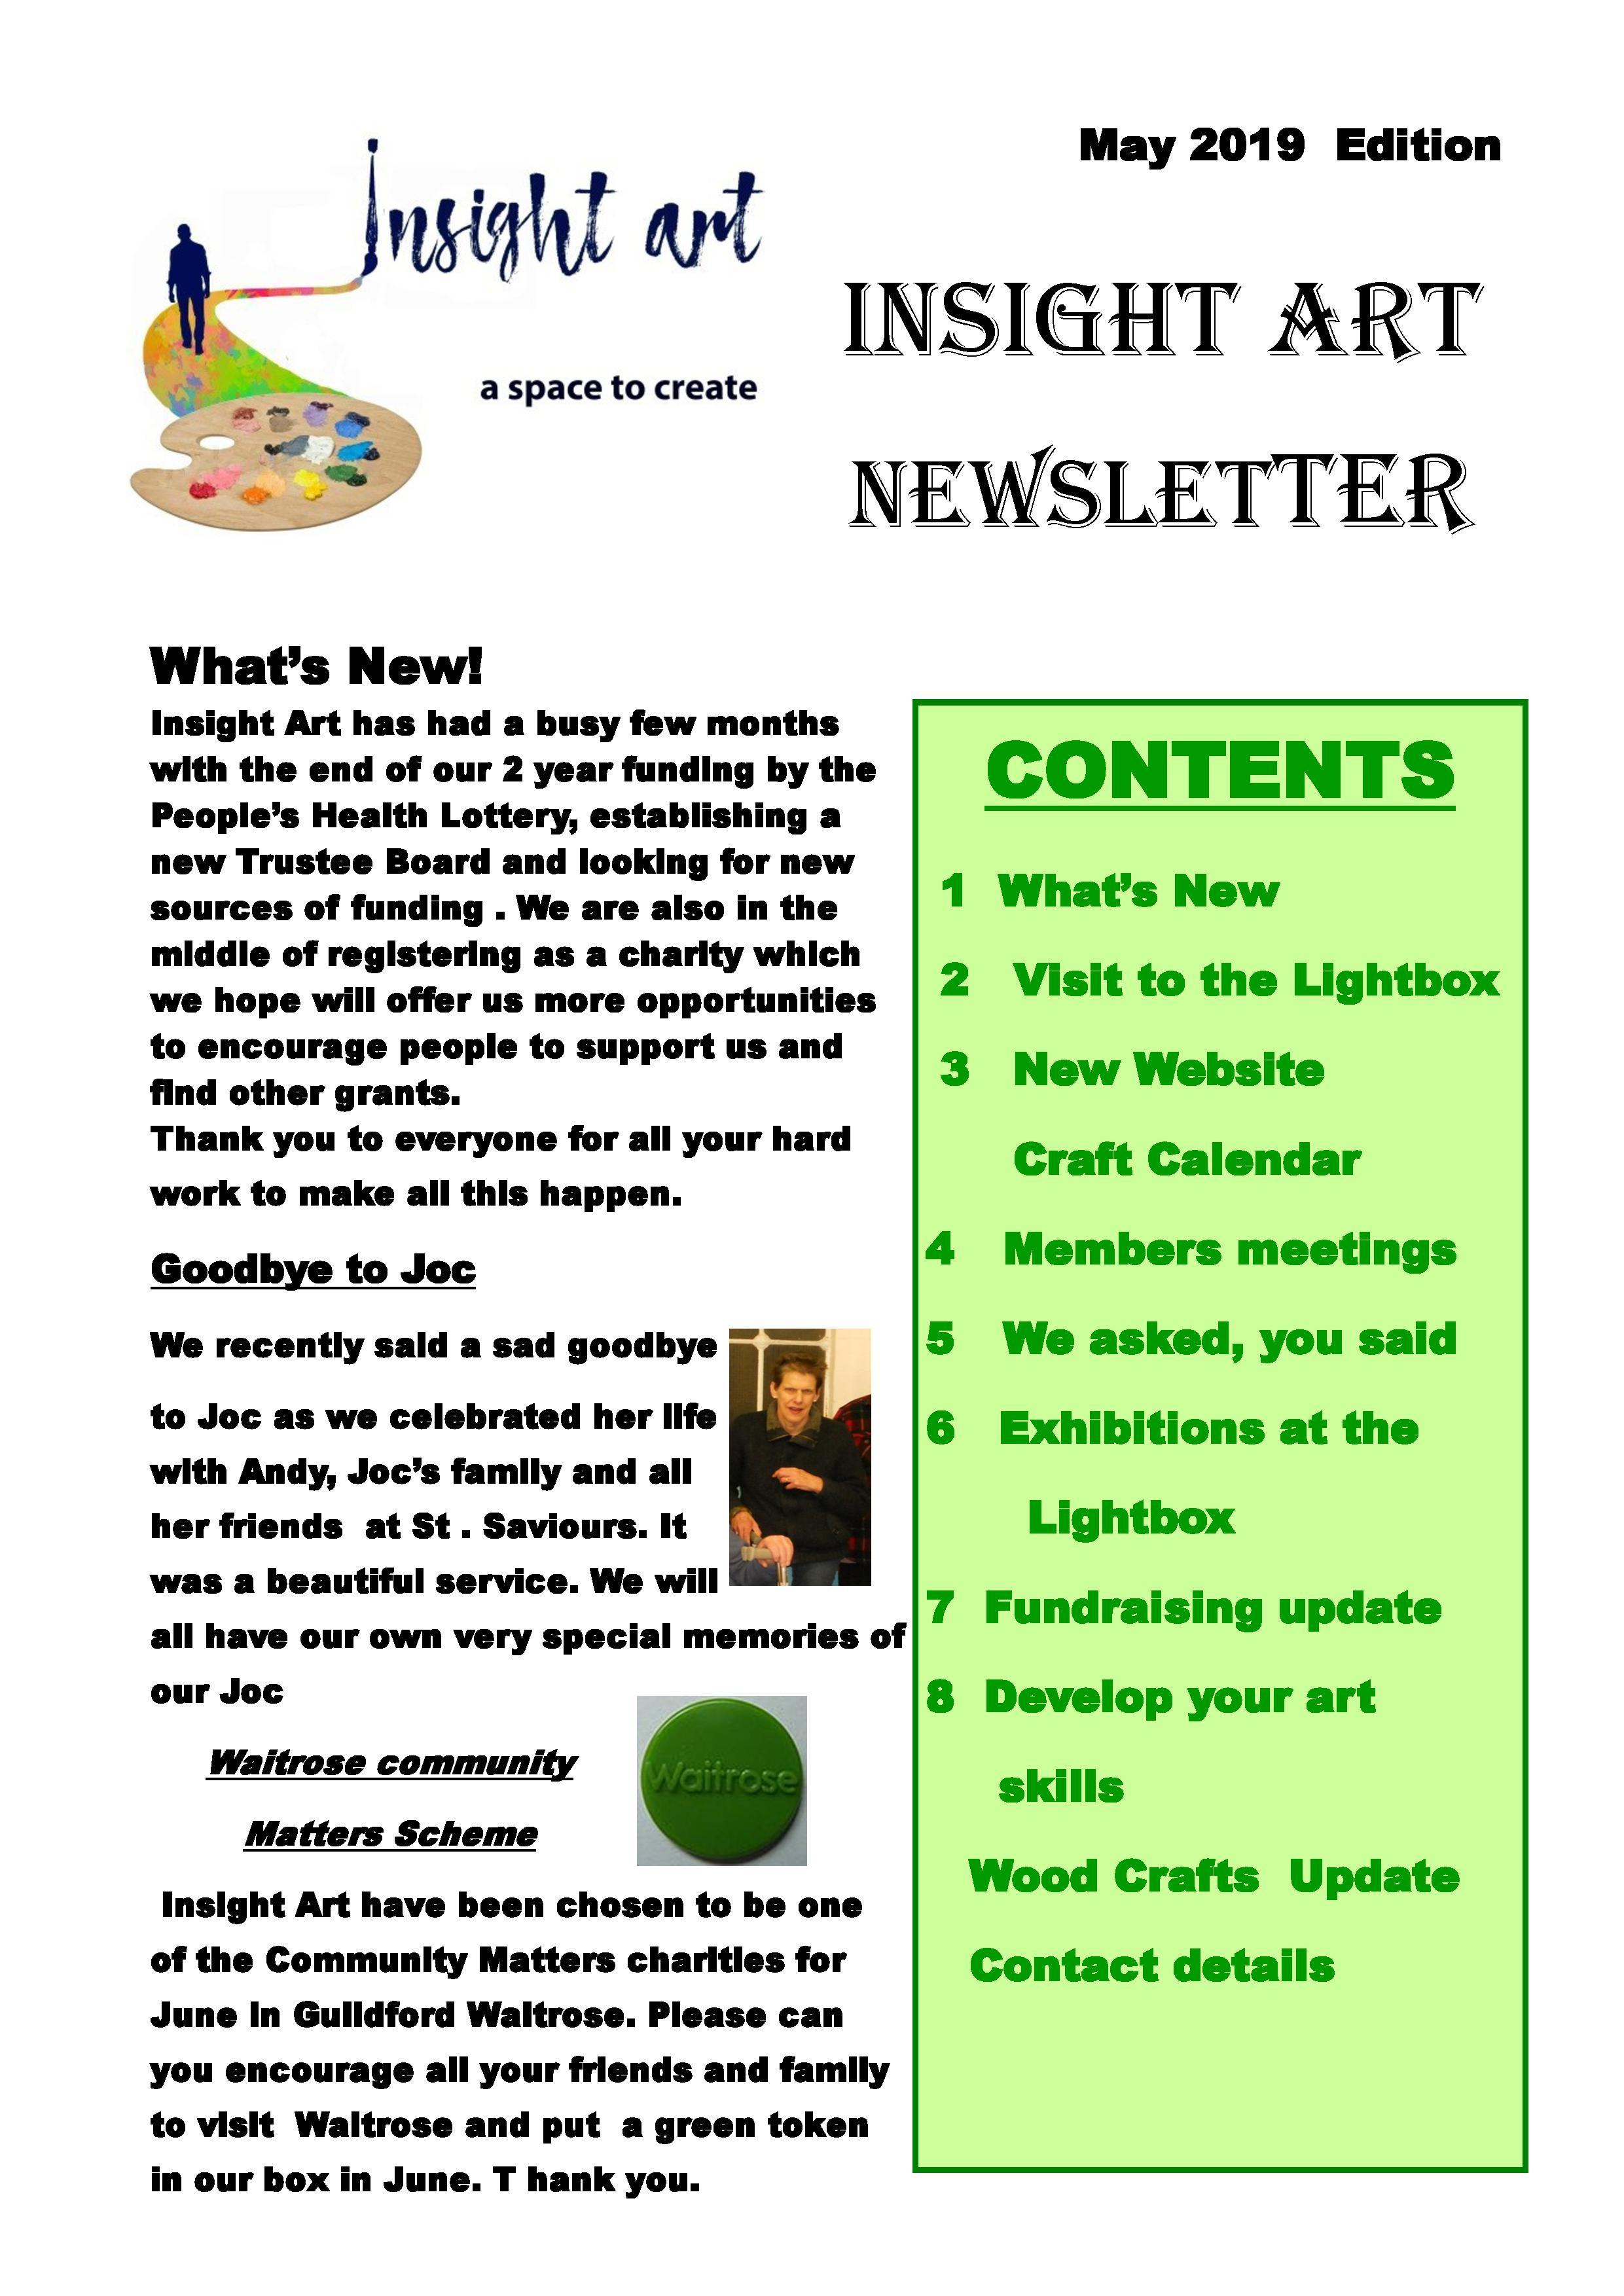 newsletter email.jpg